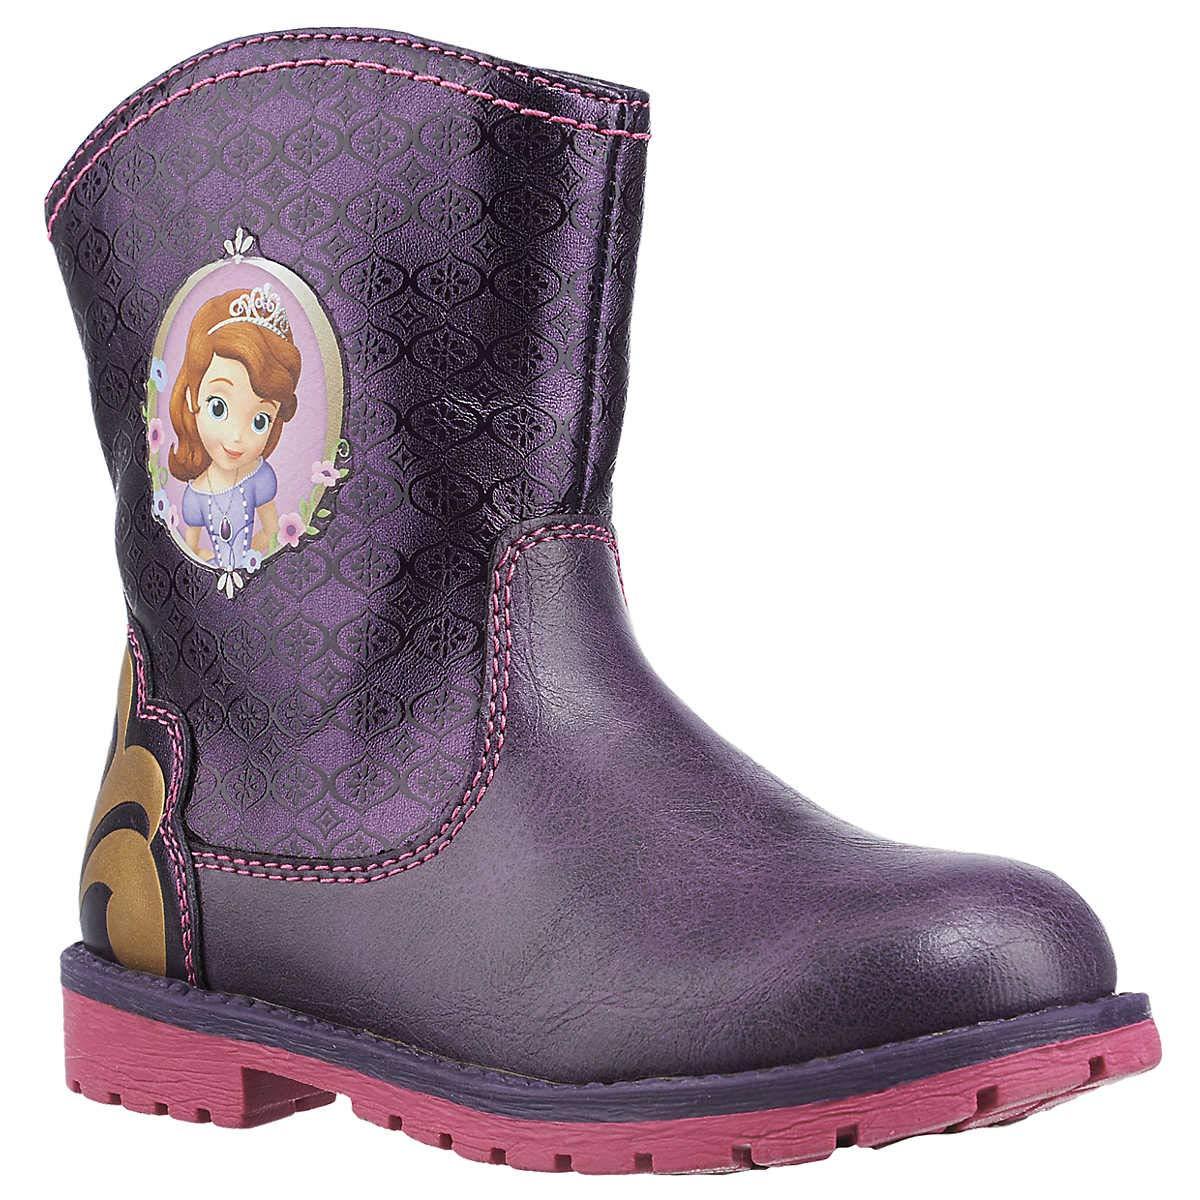 Sofia die Erste Kinder Winterstiefel Schuhe Stiefel Winter